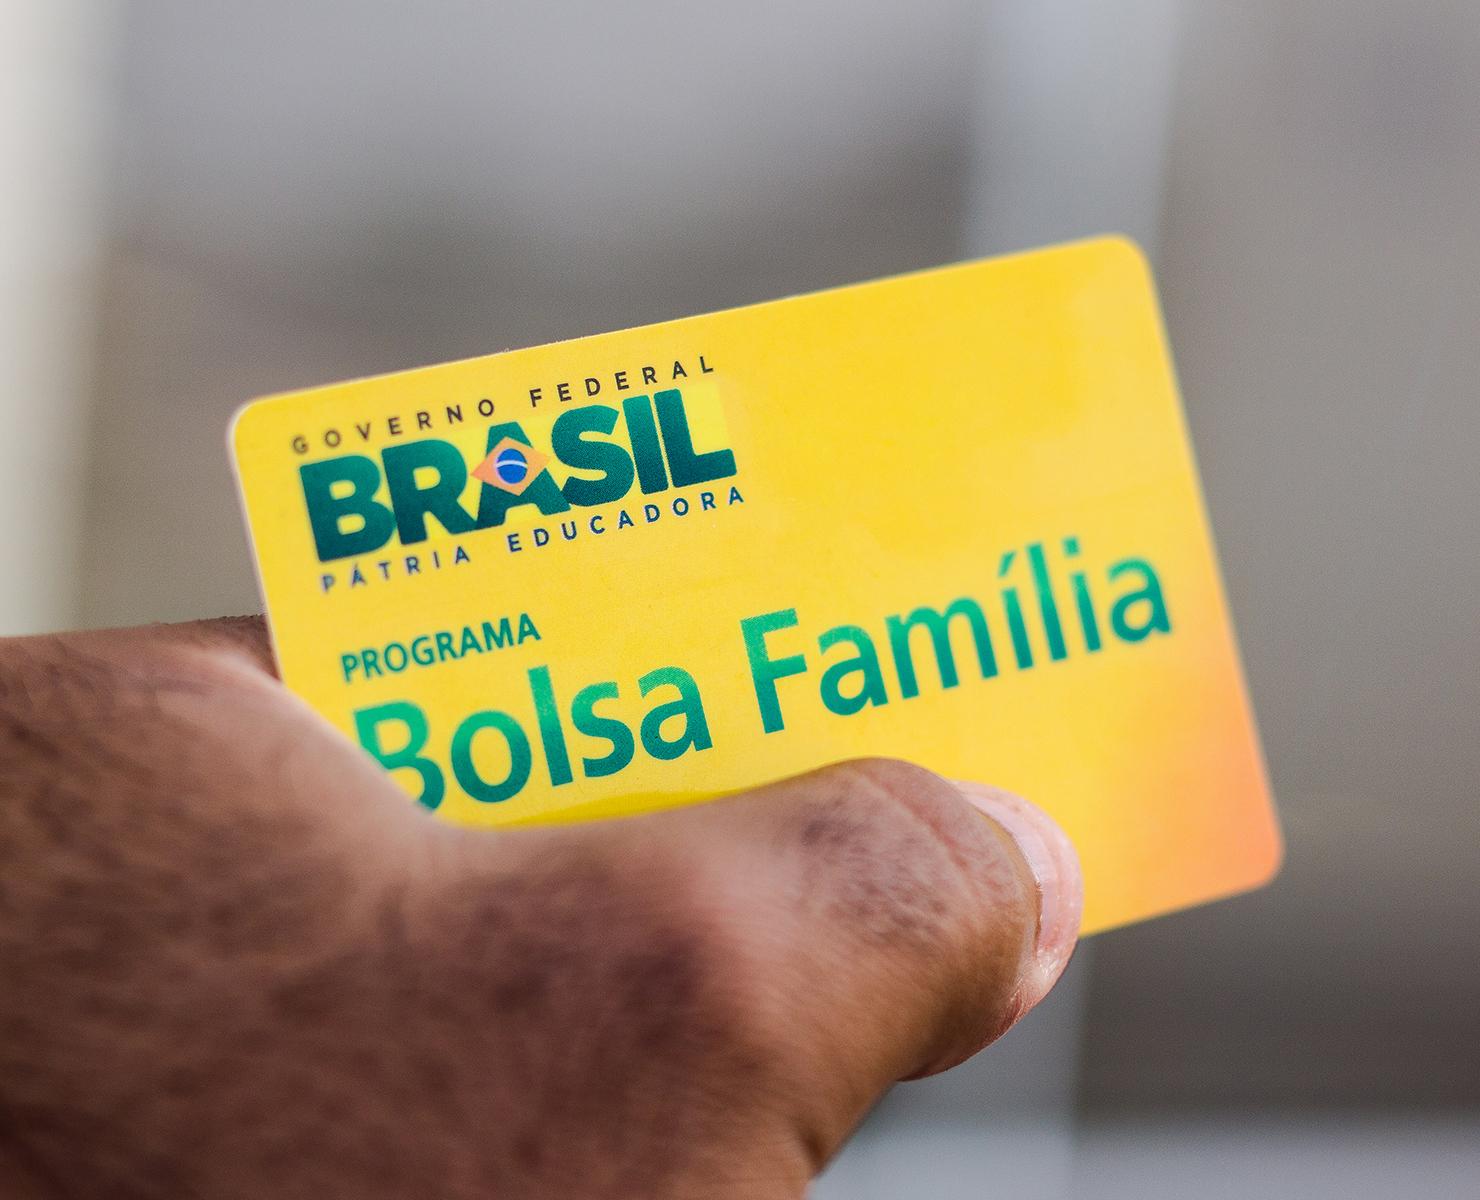 BOLSA FAMÍLIA: BENEFICIÁRIOS COMEÇAM RECEBER NESTA SEGUNDA SEM AUXÍLIO EMERGENCIAL